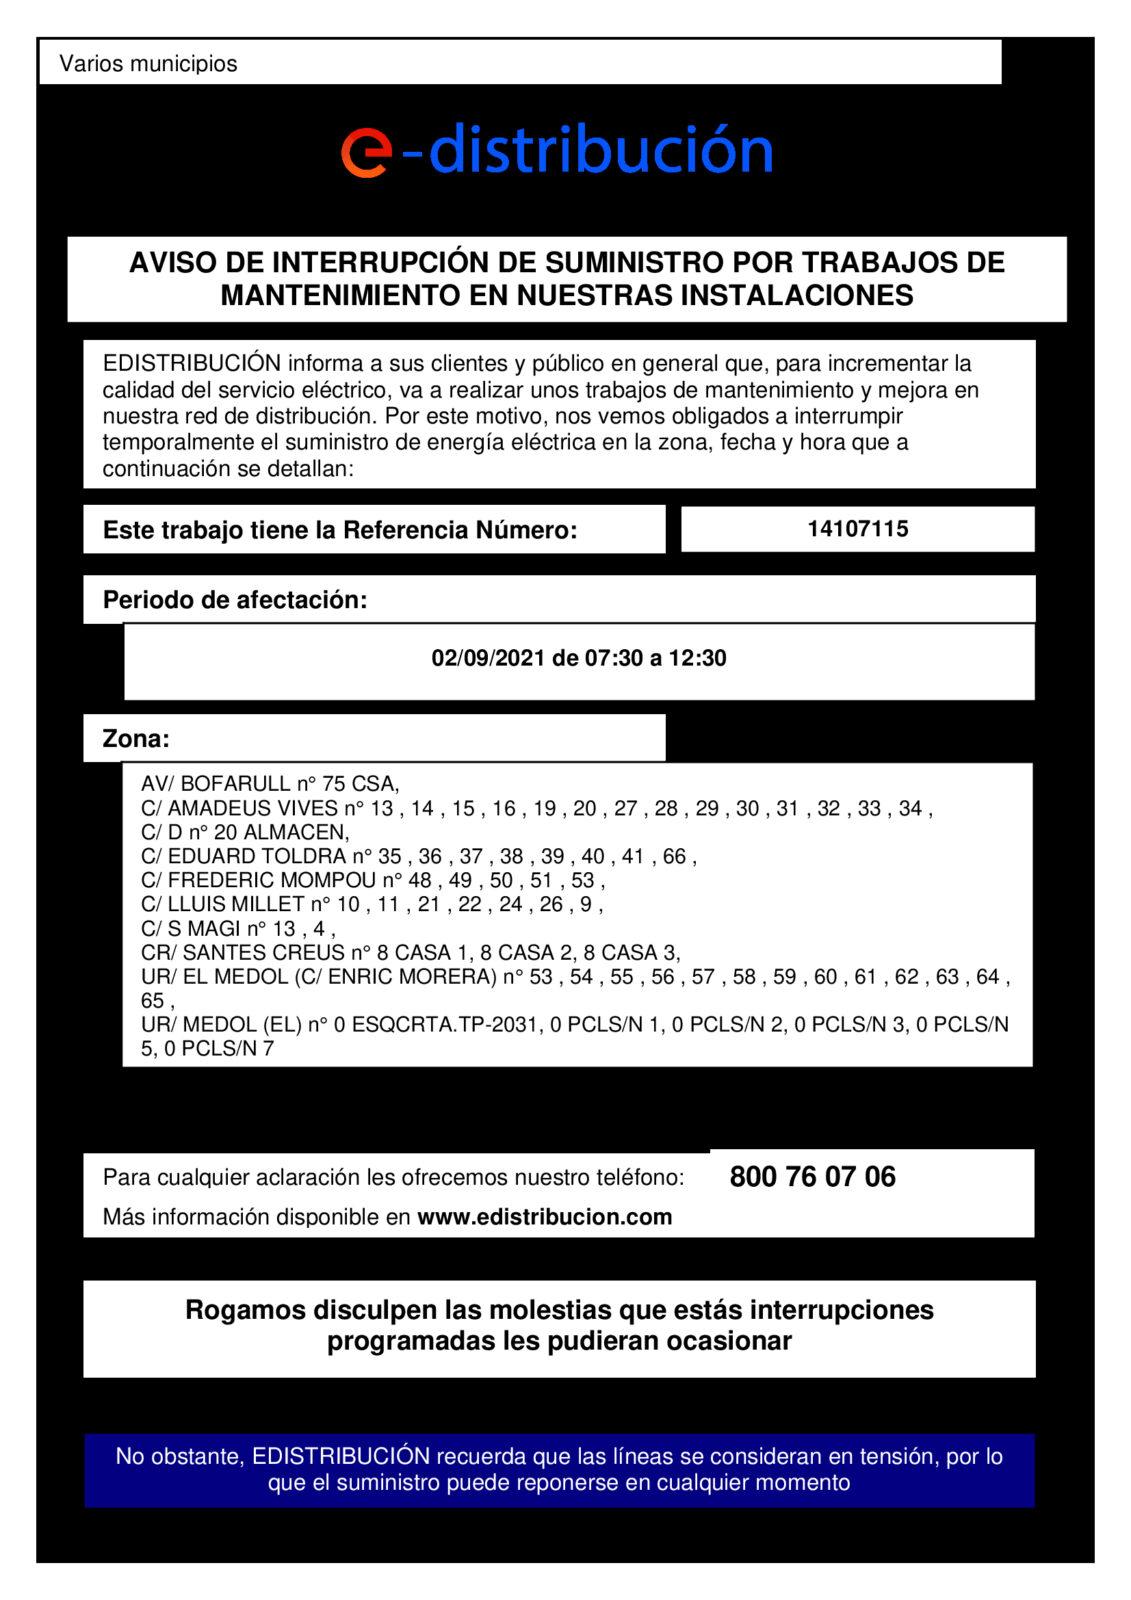 AVISO CORTE DE SUMINISTRO ELÉCTRICO – E DISTRIBUCIÓN